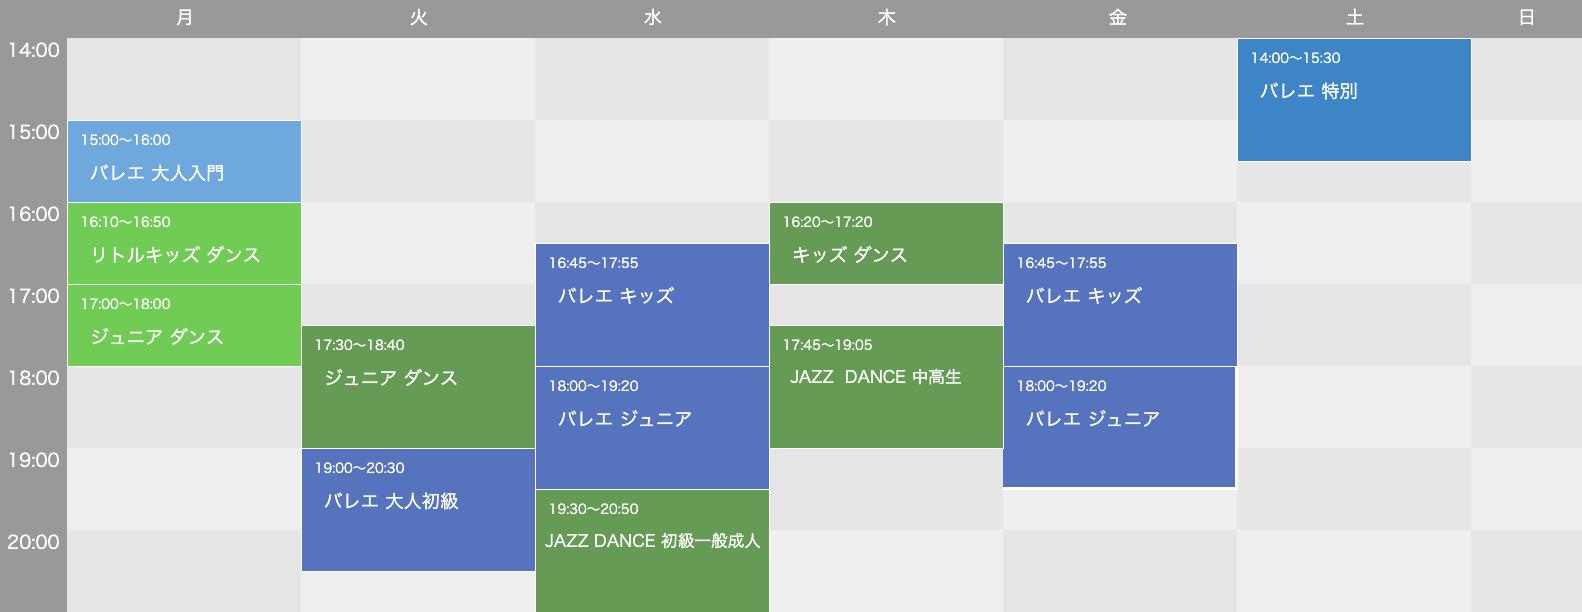 SODY ダンススクール 千早スタジオ スケジュール (2020年10月1日更新)